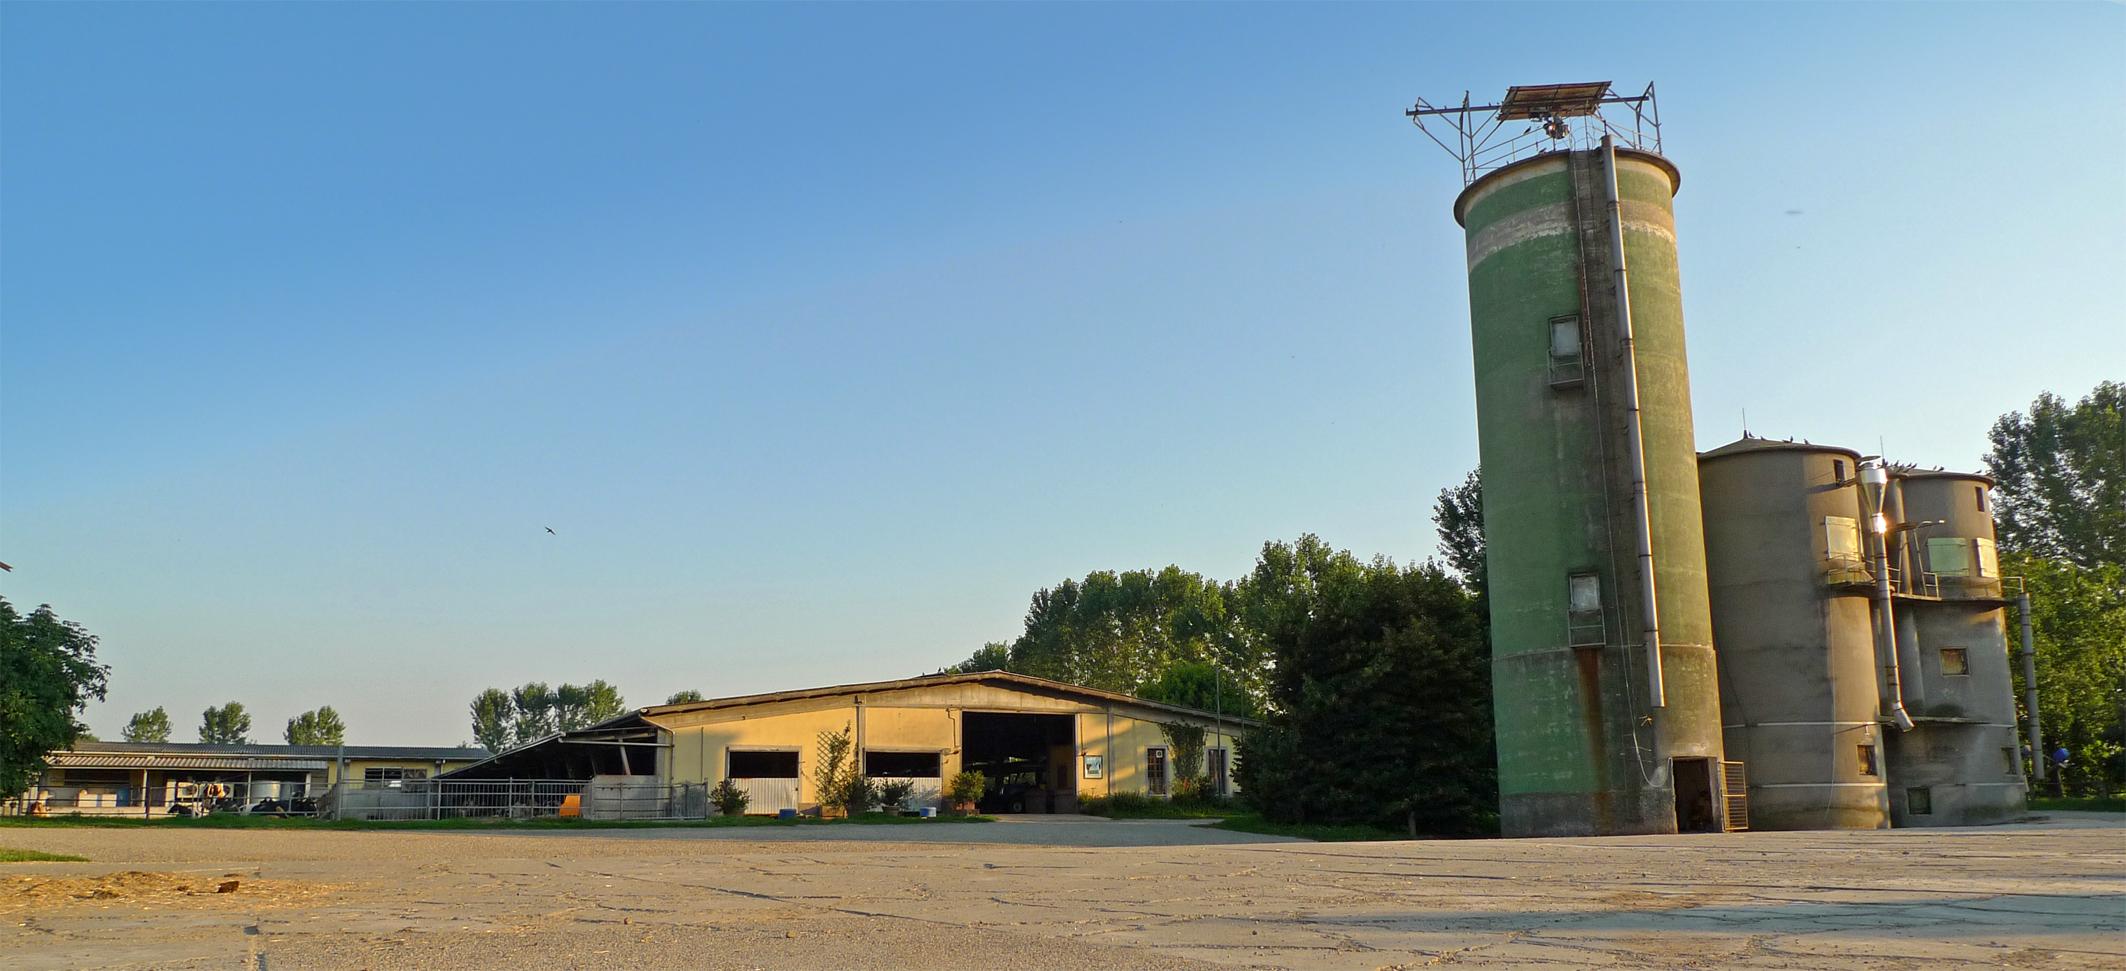 Allevamento Frisia - Bertonico, Lodi